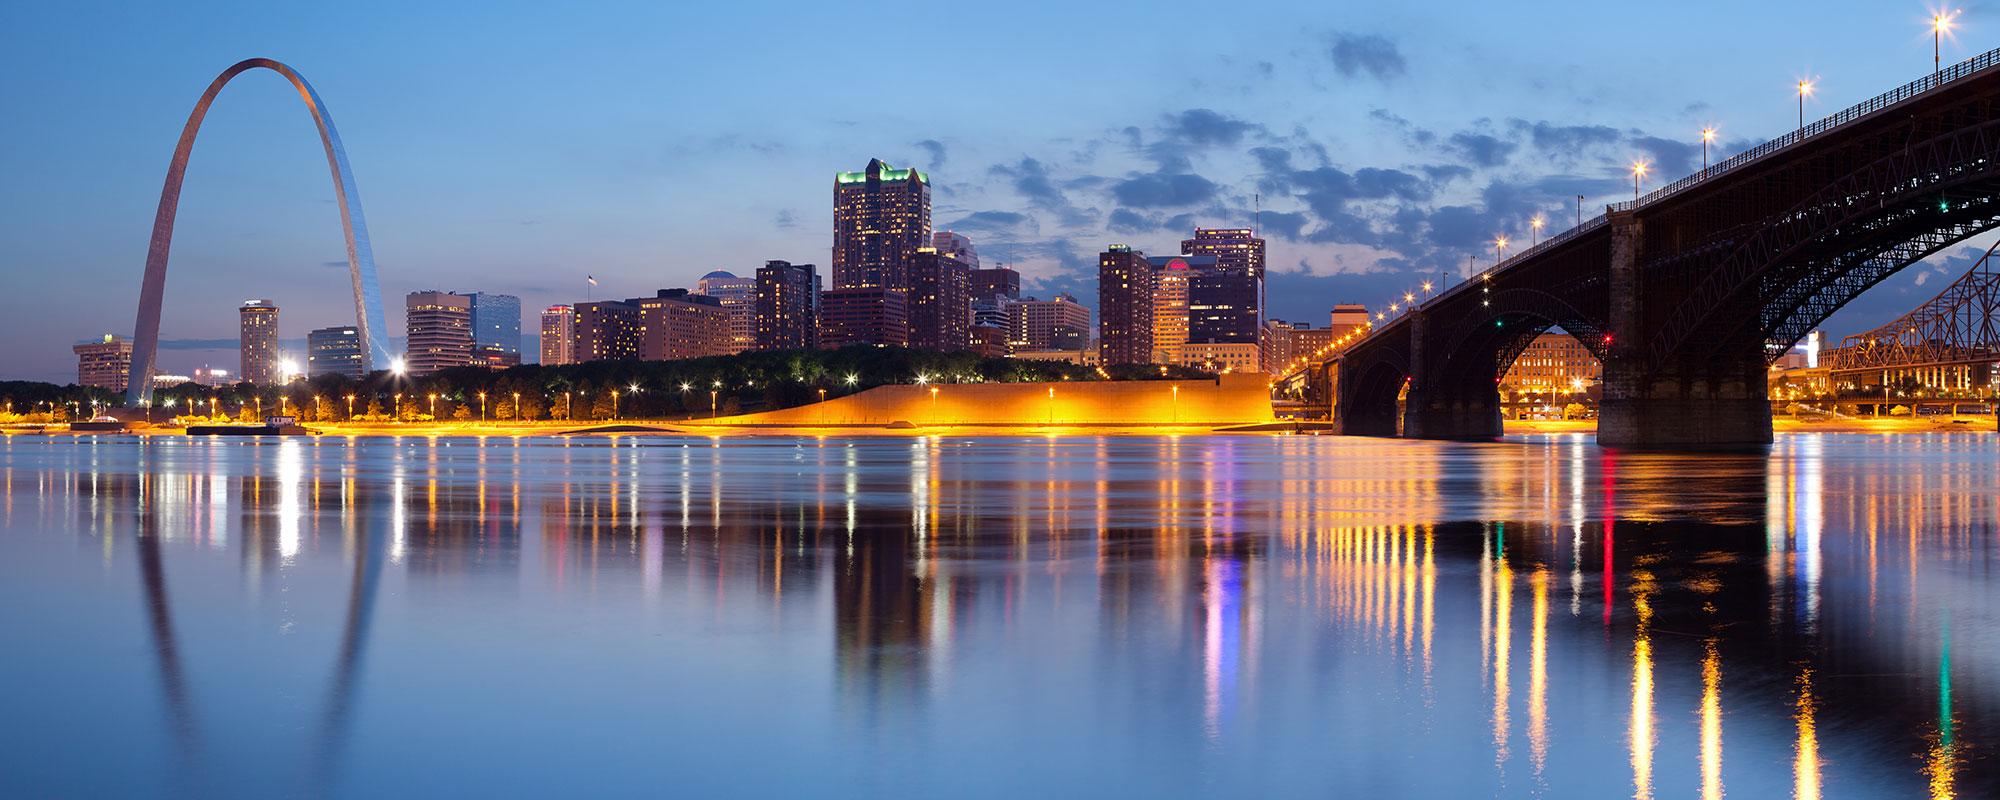 St. Louis 838457818.jpg